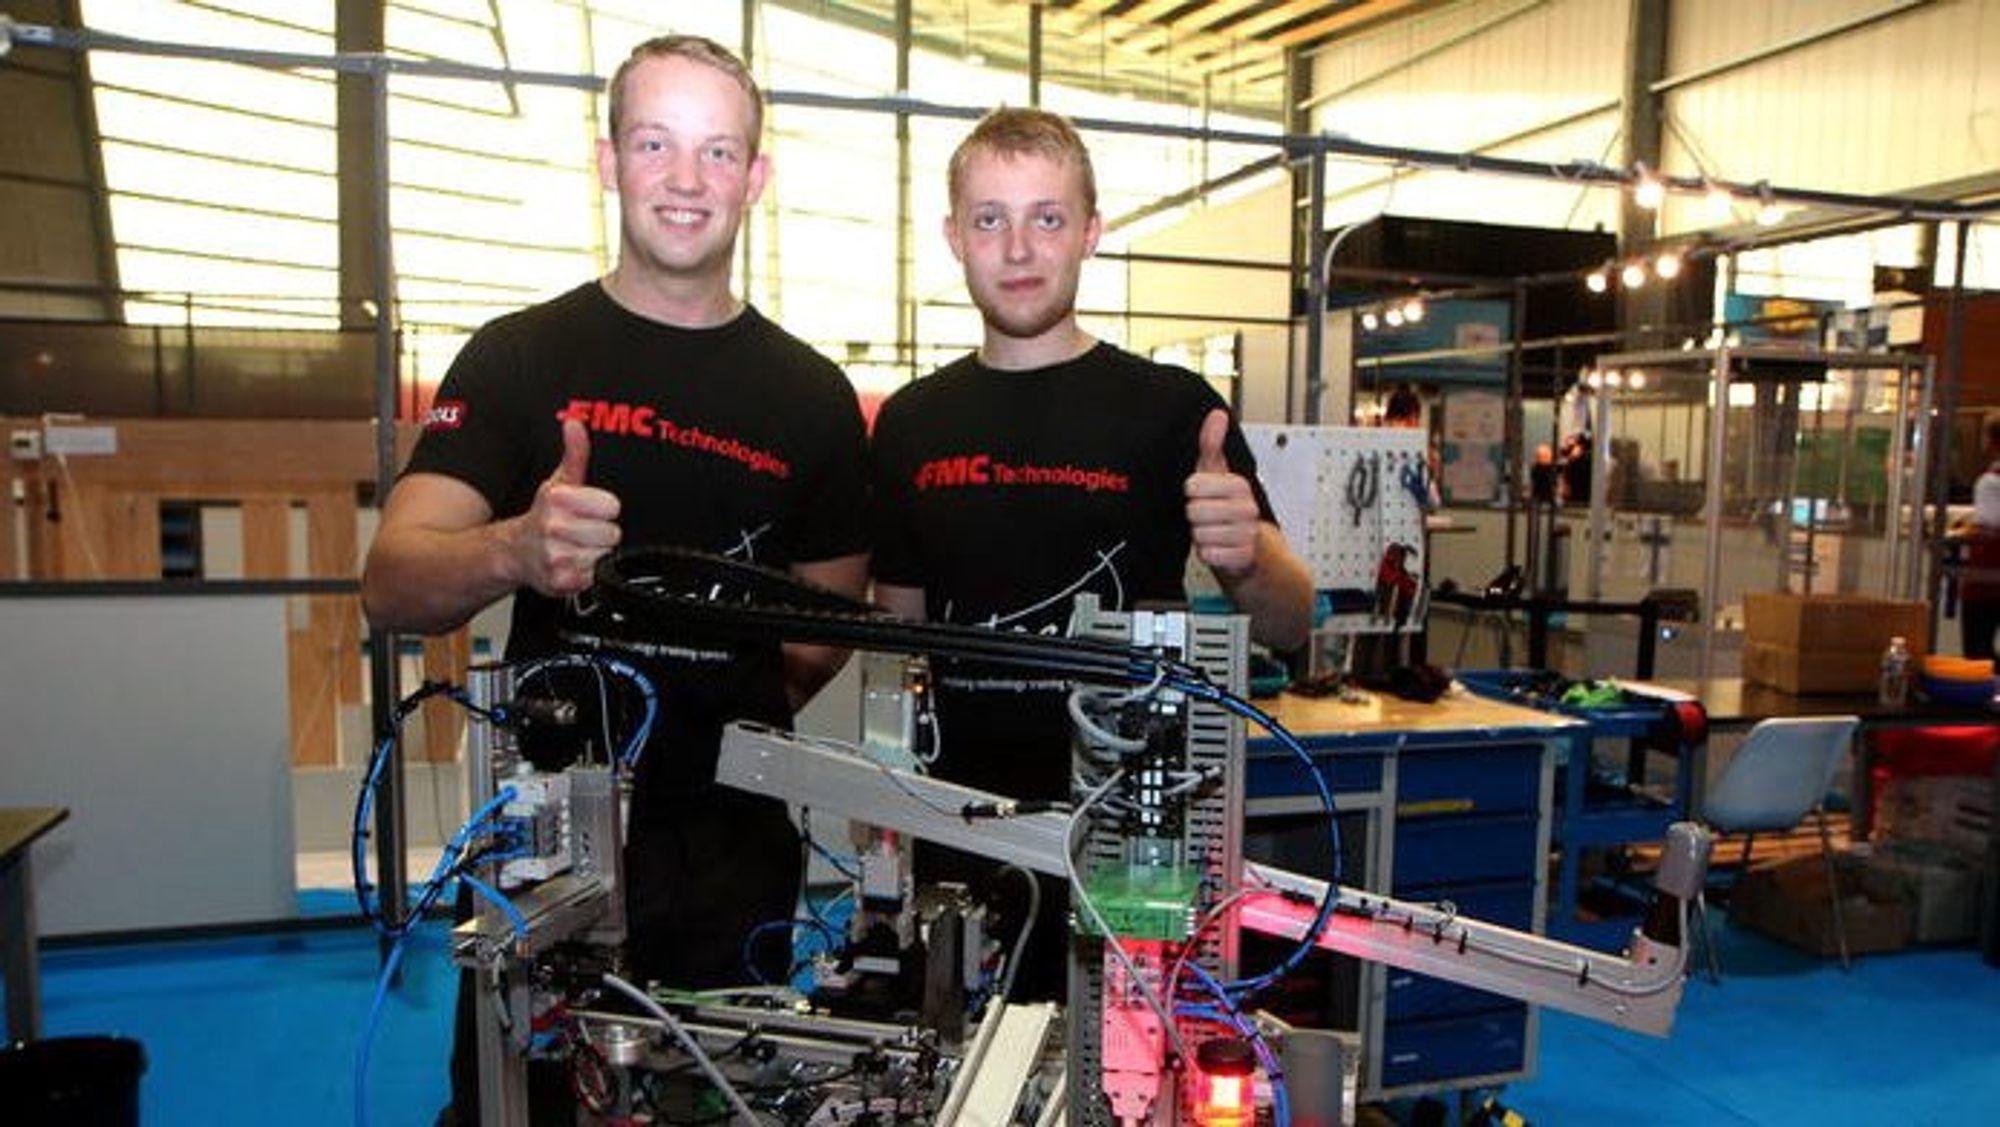 Fra venstre Petter Rustad og Sindre Hellingsrud foran sin prosesslinje bygget i Frankrike under yrkes-em.